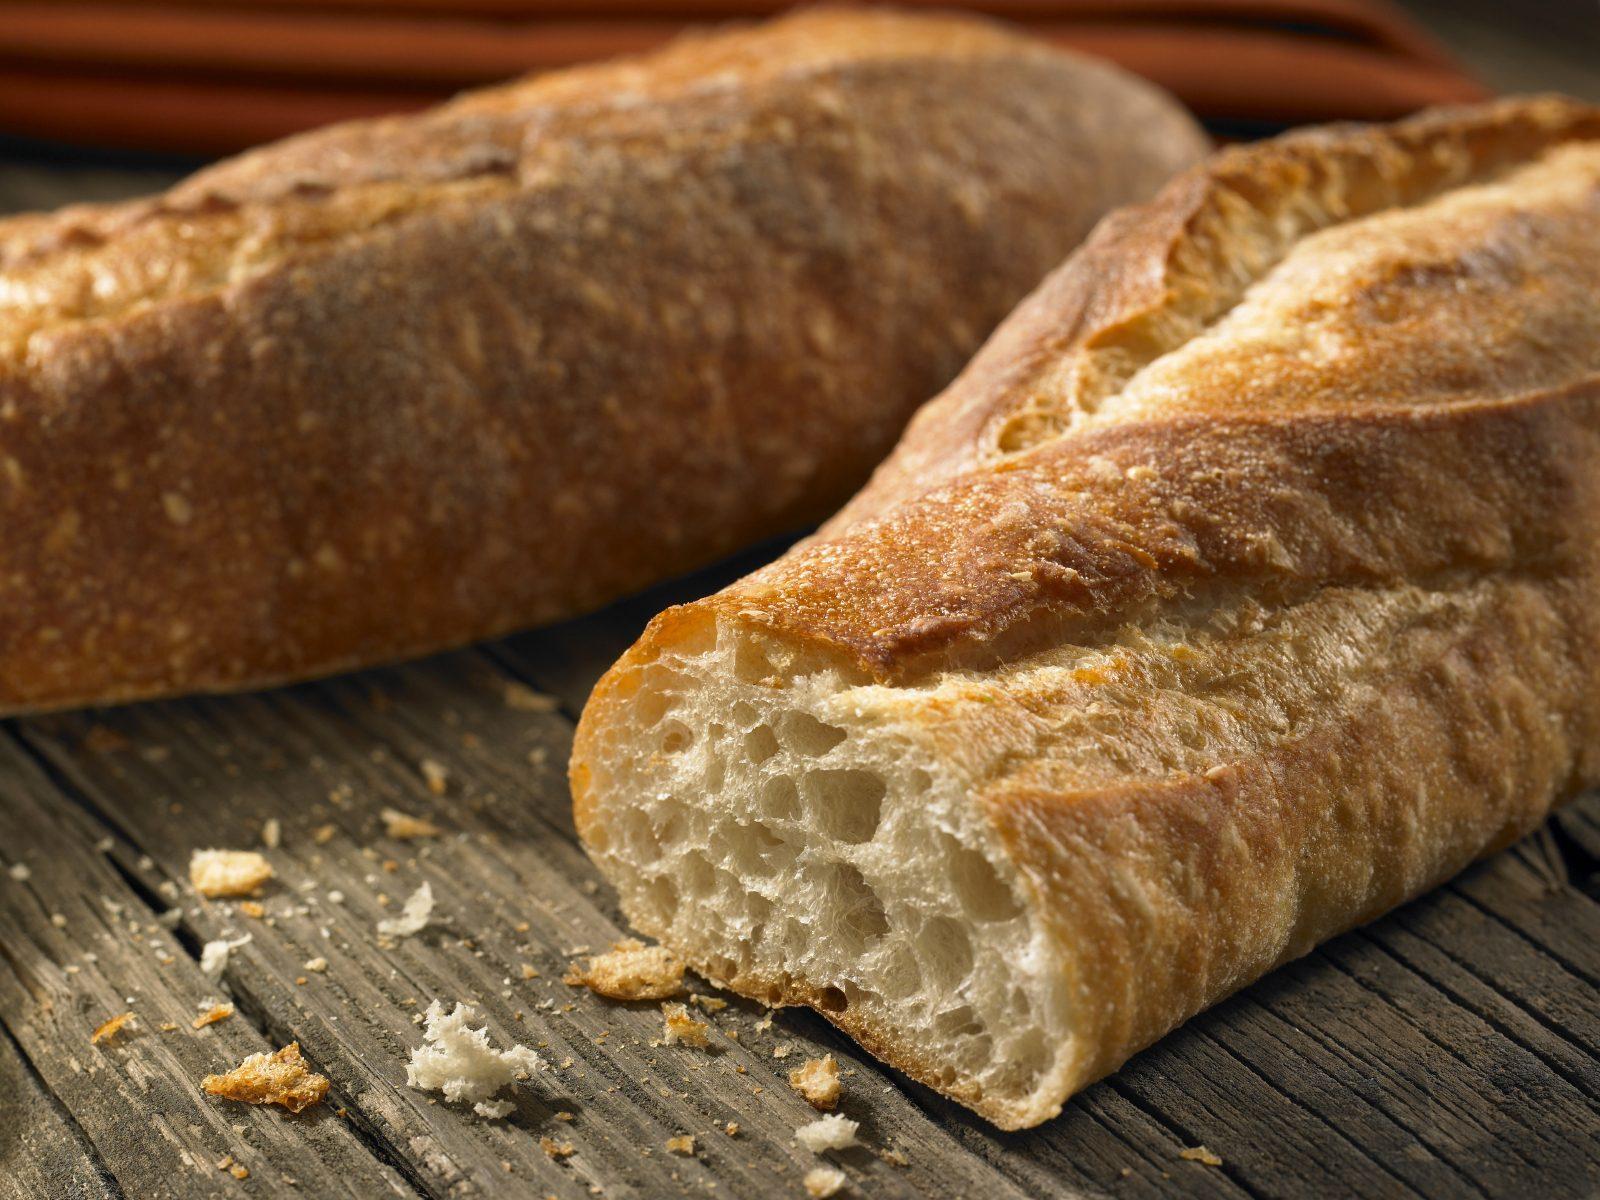 Césariennes et problèmes de gluten: mythe ou réalité?